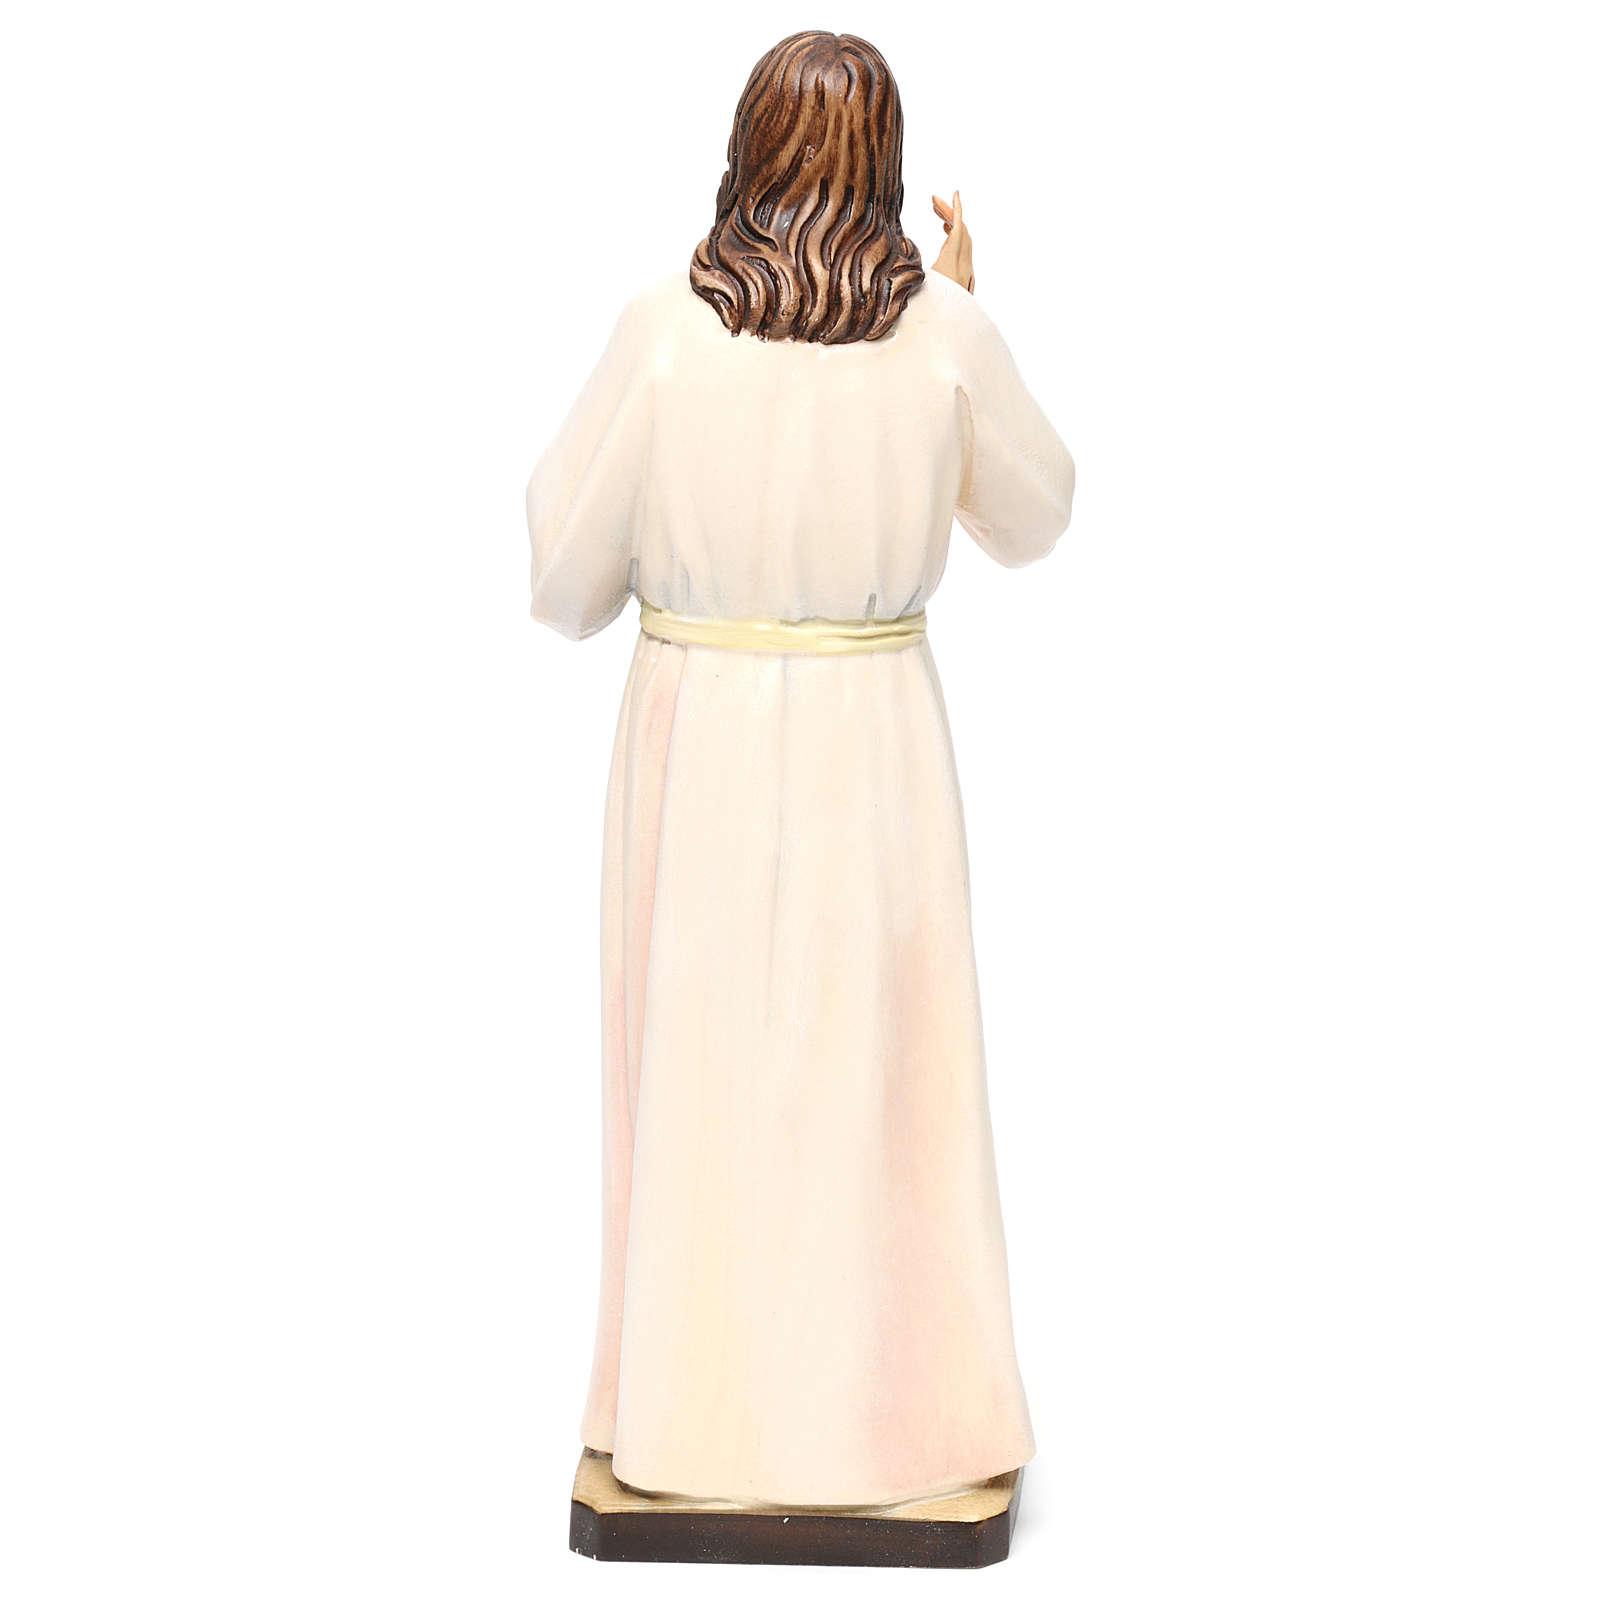 Statua legno dipinto Val Gardena Sacro Cuore di Gesù veste bianca 4